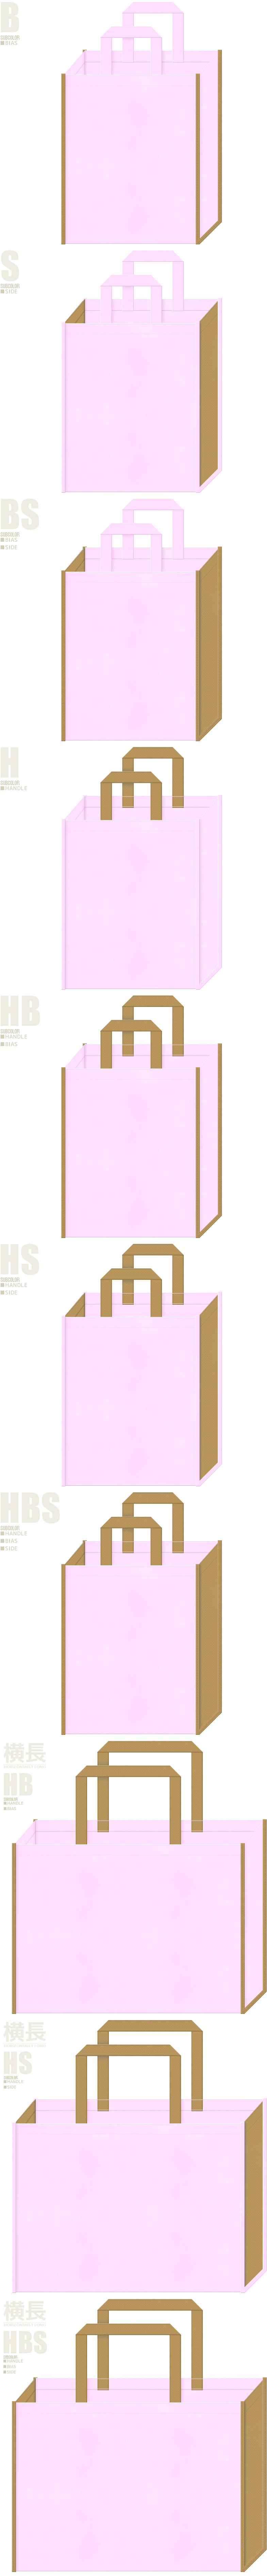 明るめのピンク色と金色系黄土色、7パターンの不織布トートバッグ配色デザイン例。girlyな不織布バッグにお奨めです。